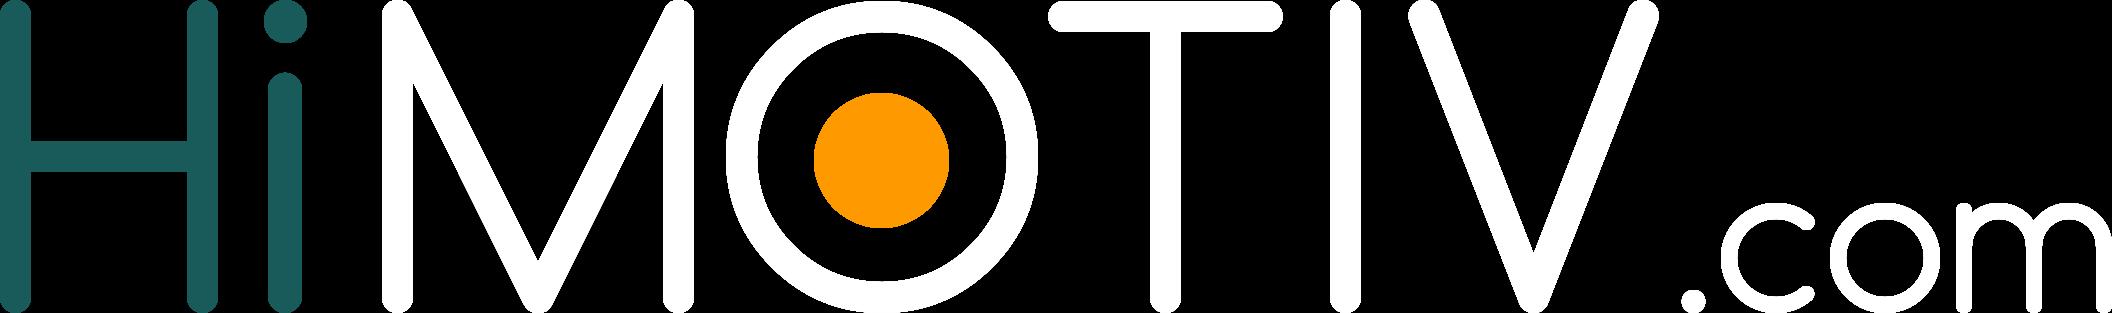 HiMOTIV Logo